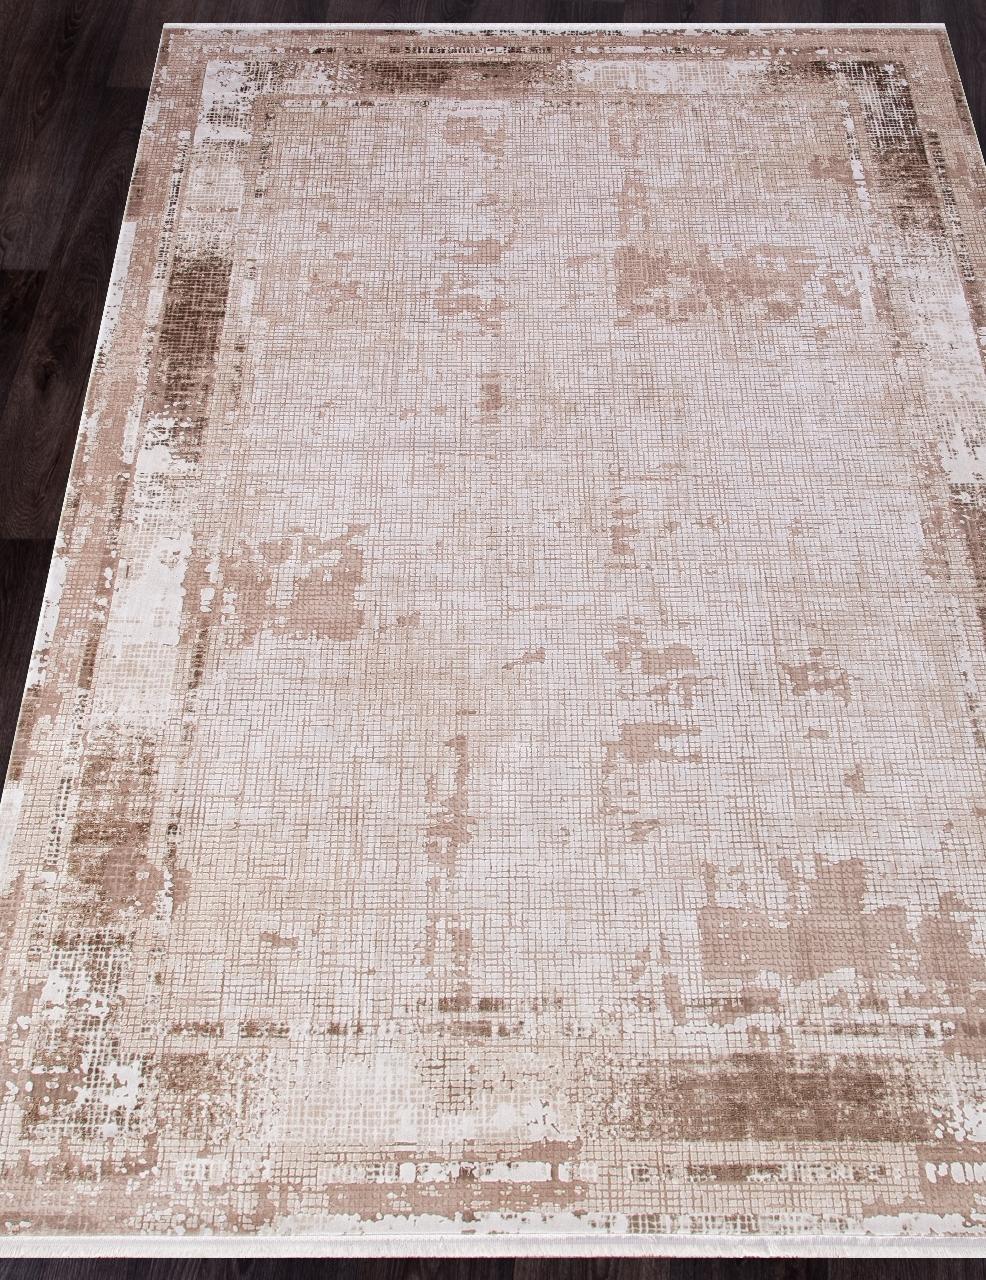 Ковер 19167 - 070 BEIGE - Прямоугольник - коллекция CREANTE